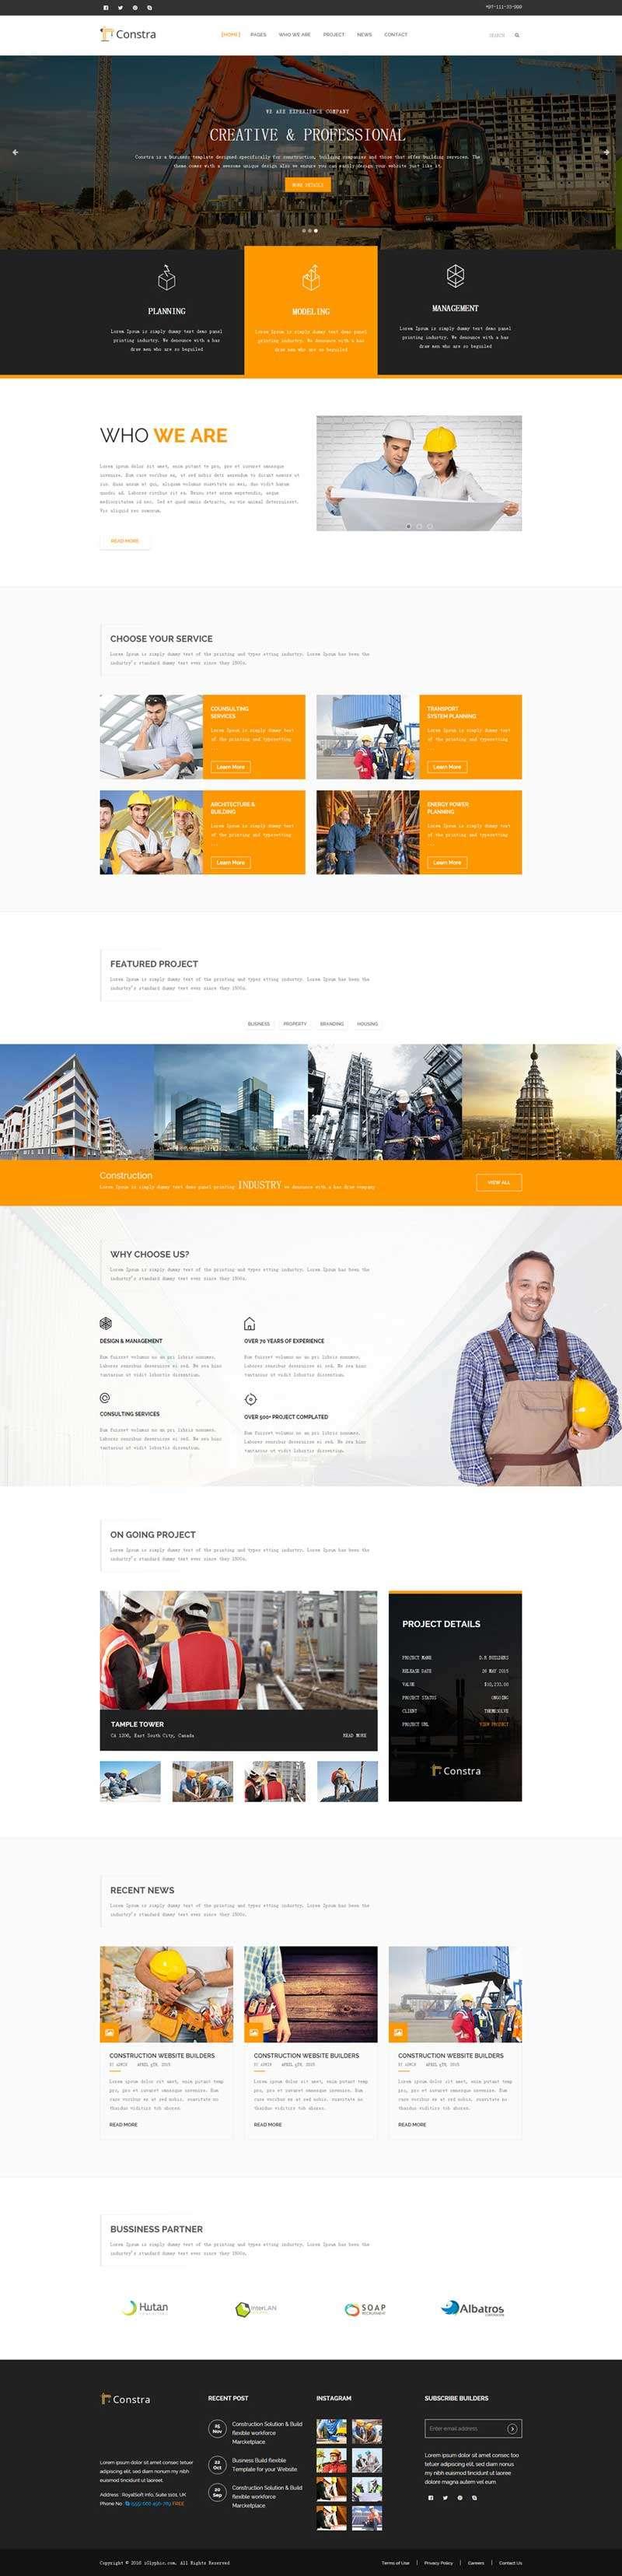 橙色的工业建筑工程公司网站html模板